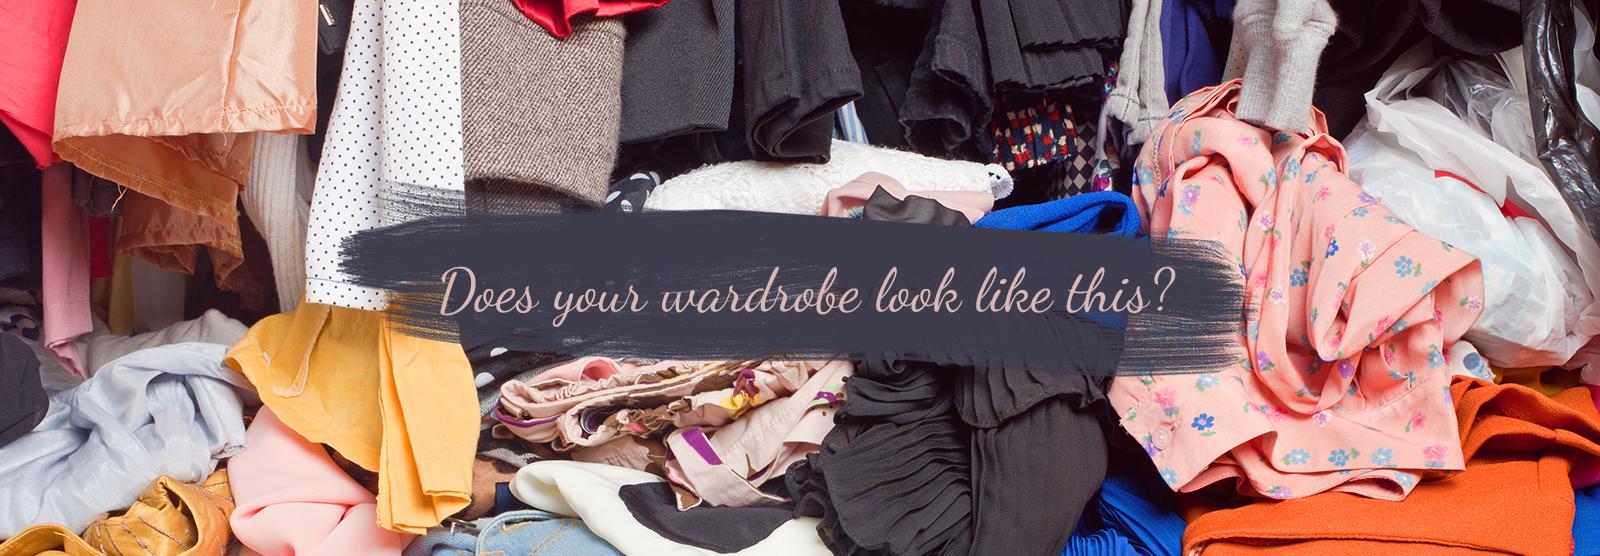 messy-wardrobe